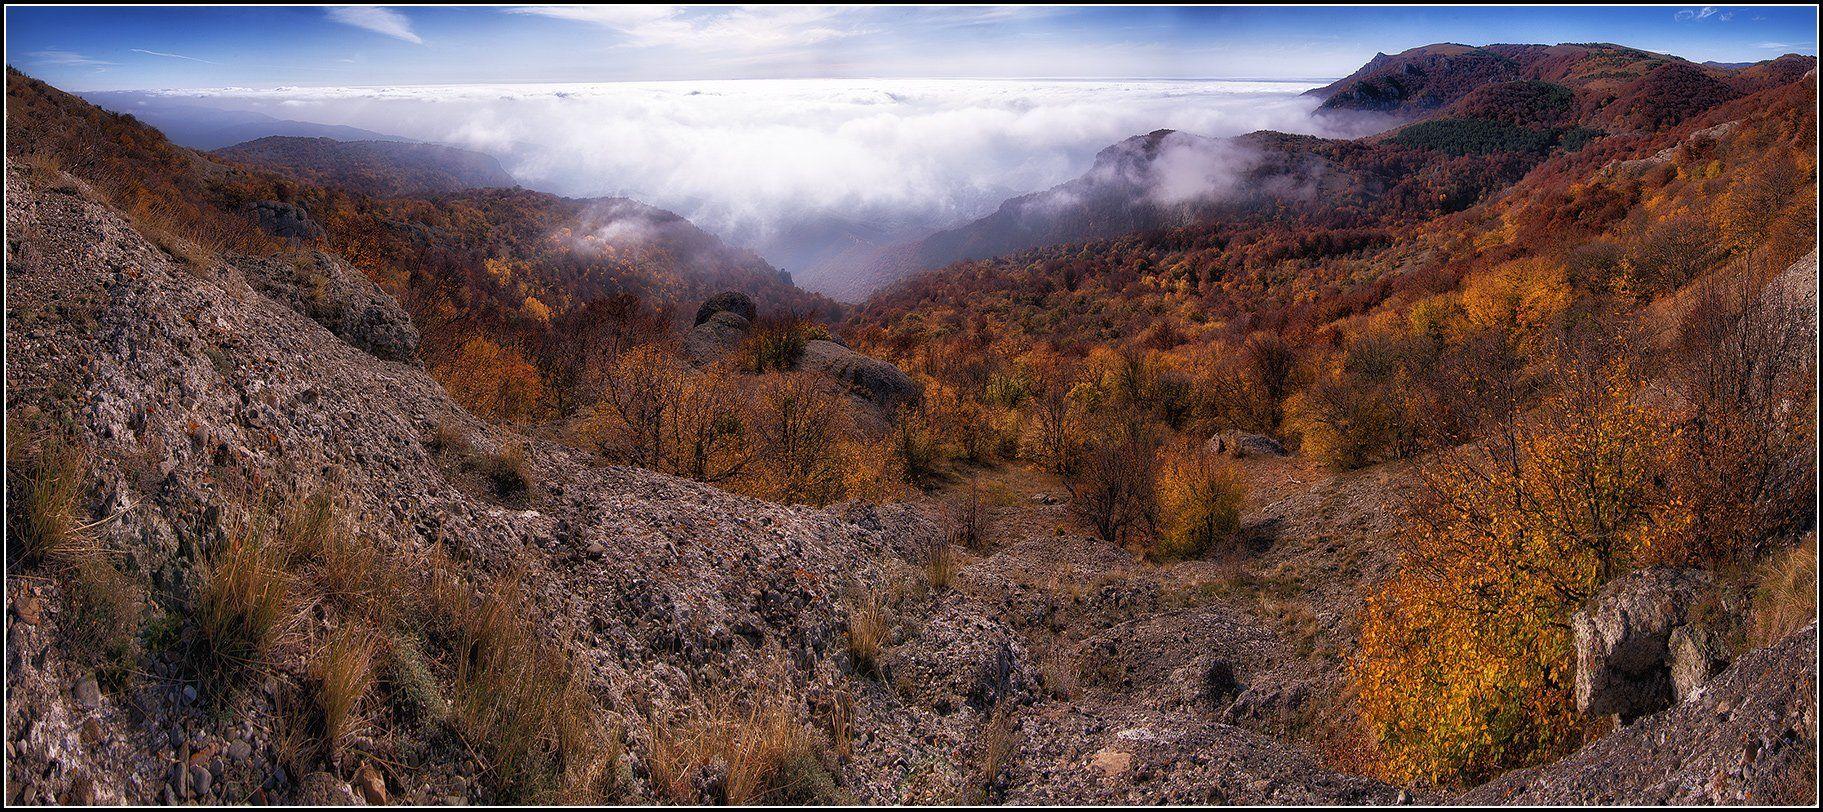 крым, демирджи, осень, туман, скалы, лес, панорама, ДОВЫДЕНКО АНАТОЛИЙ